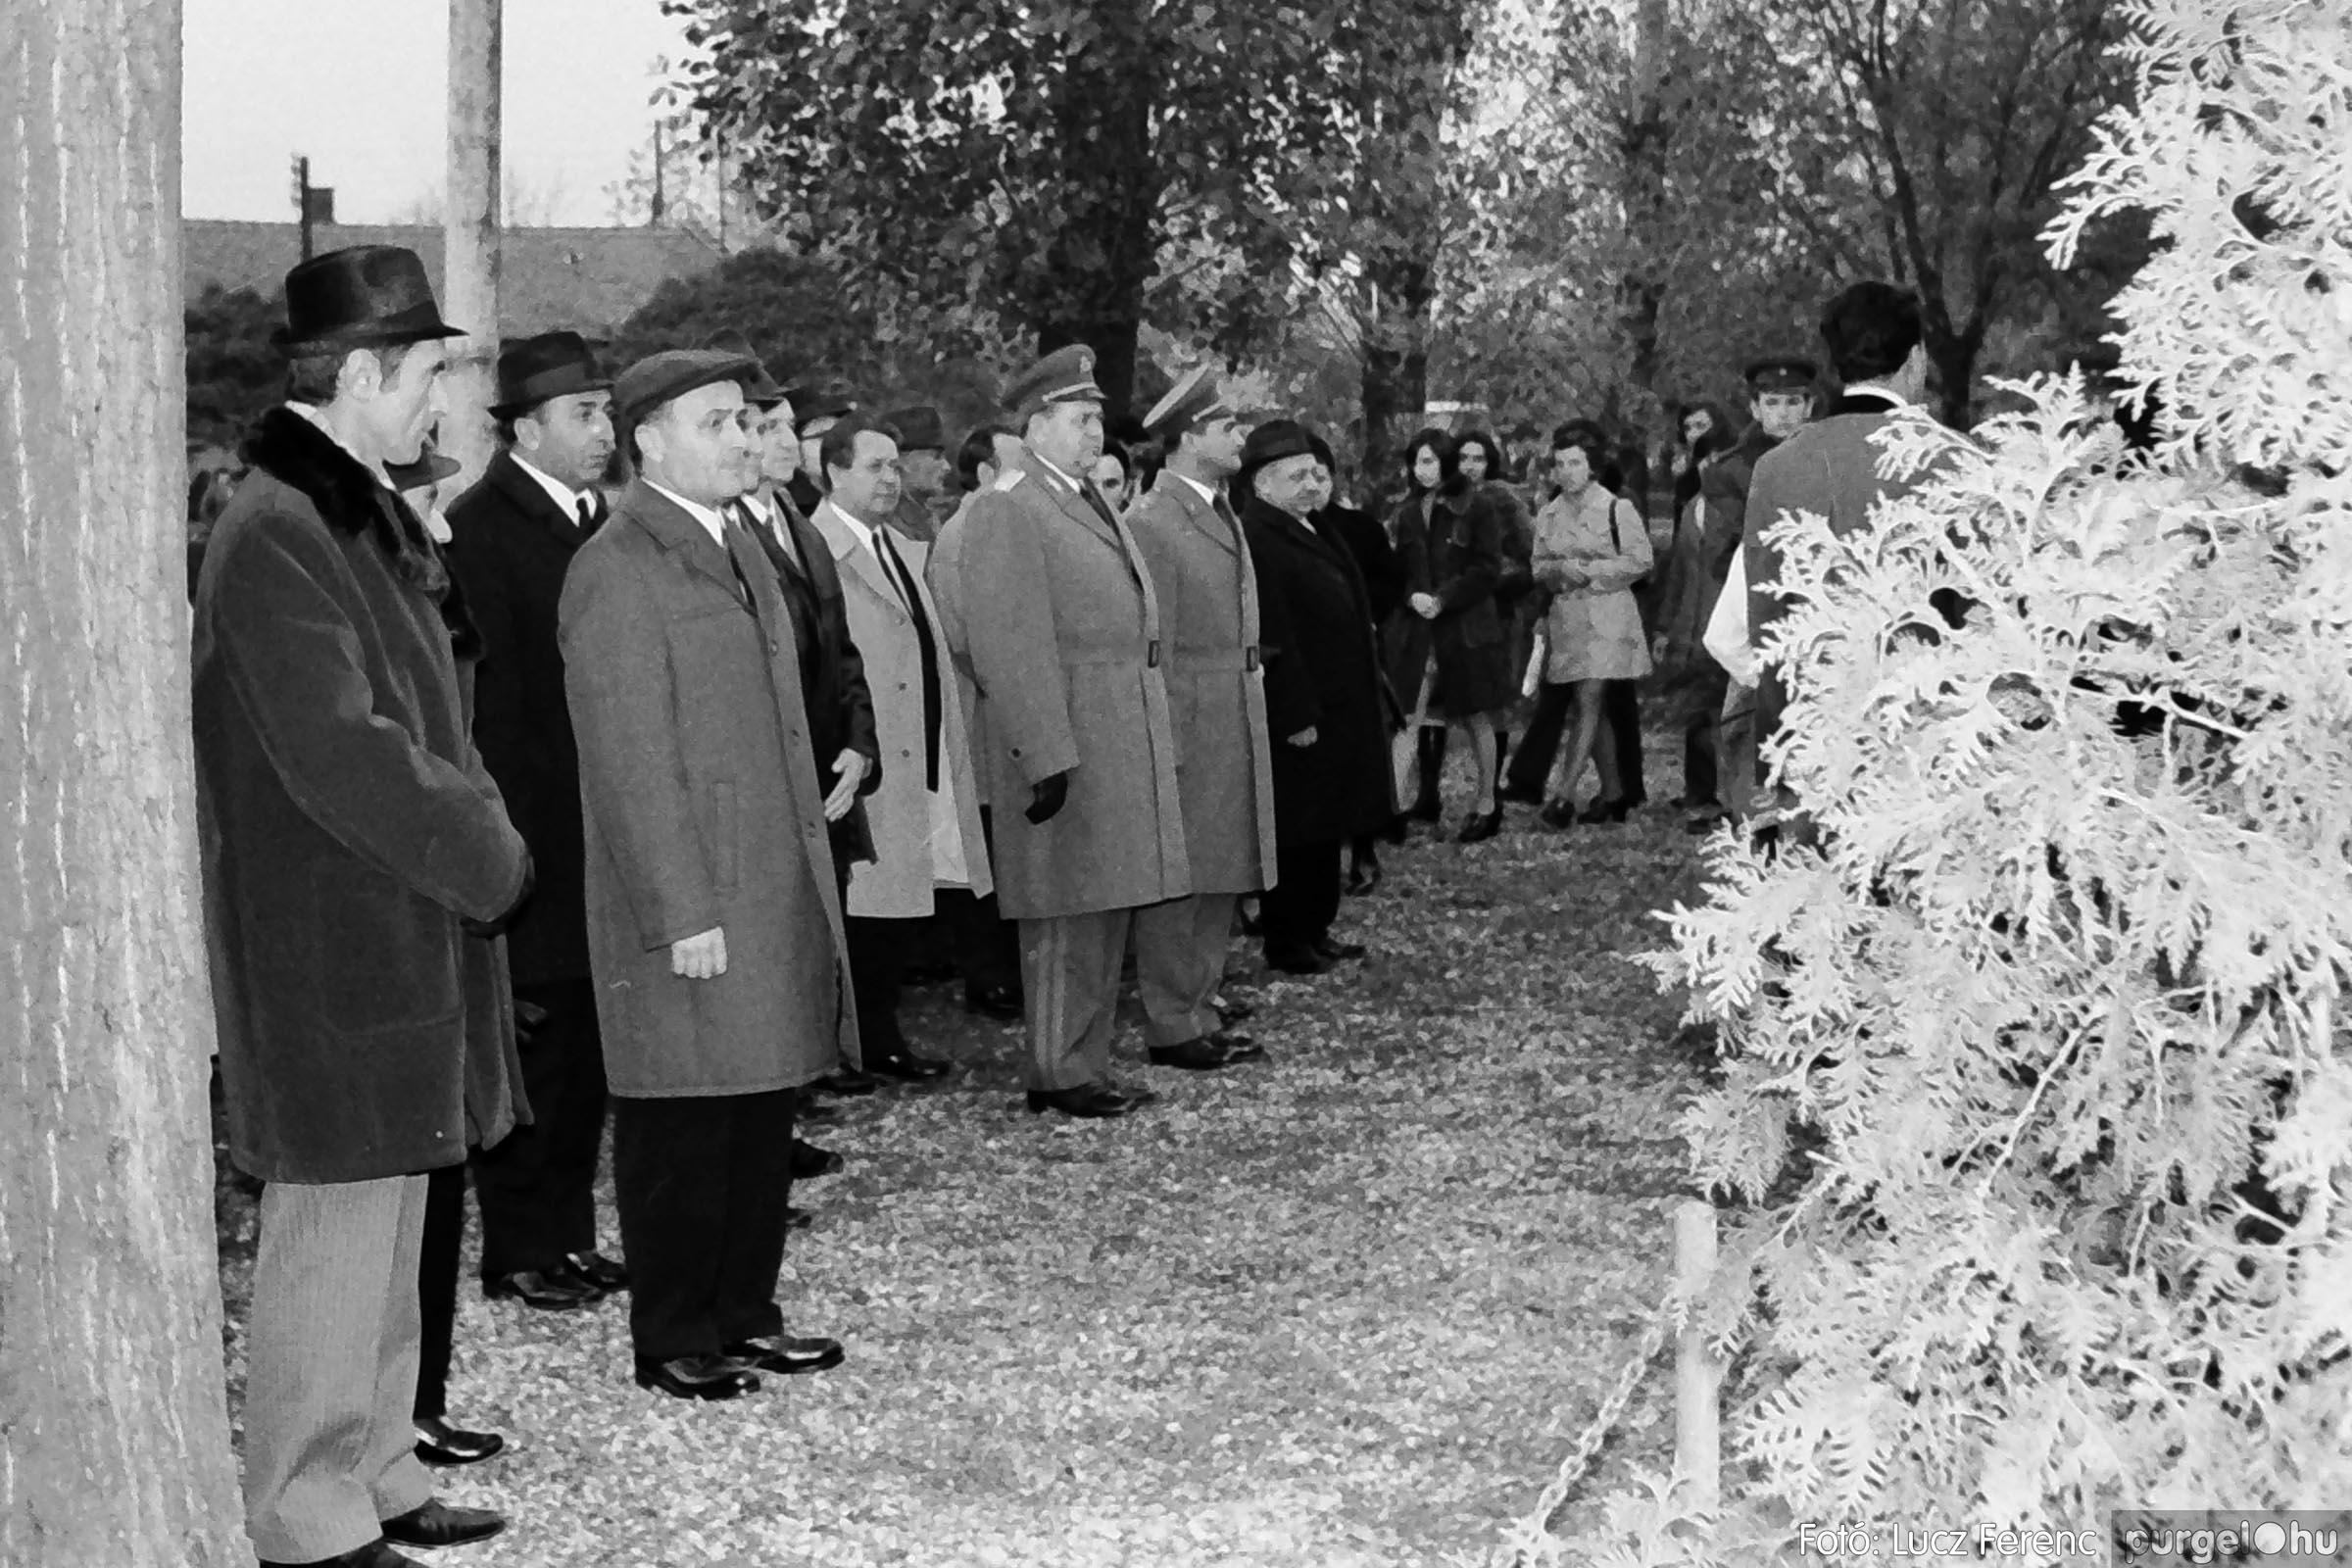 002 1970-es évek - November 7-i ünnepség 008 - Fotó: Lucz Ferenc - IMG01092q.jpg